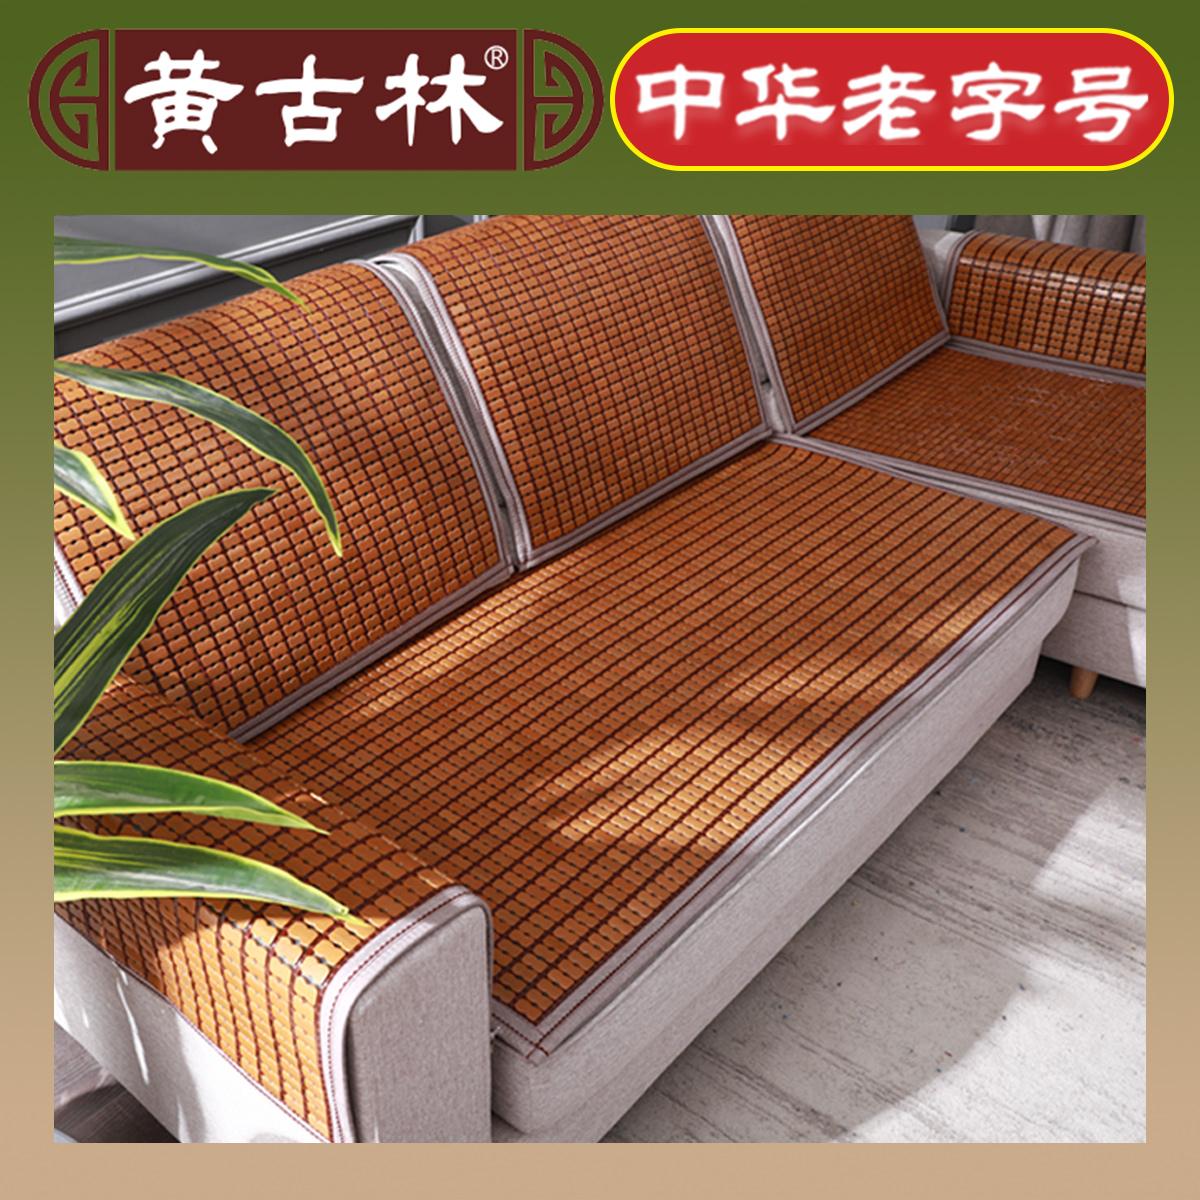 黄古林夏季沙发垫麻将坐垫套沙发凉席防滑夏天通用竹席凉垫子座垫